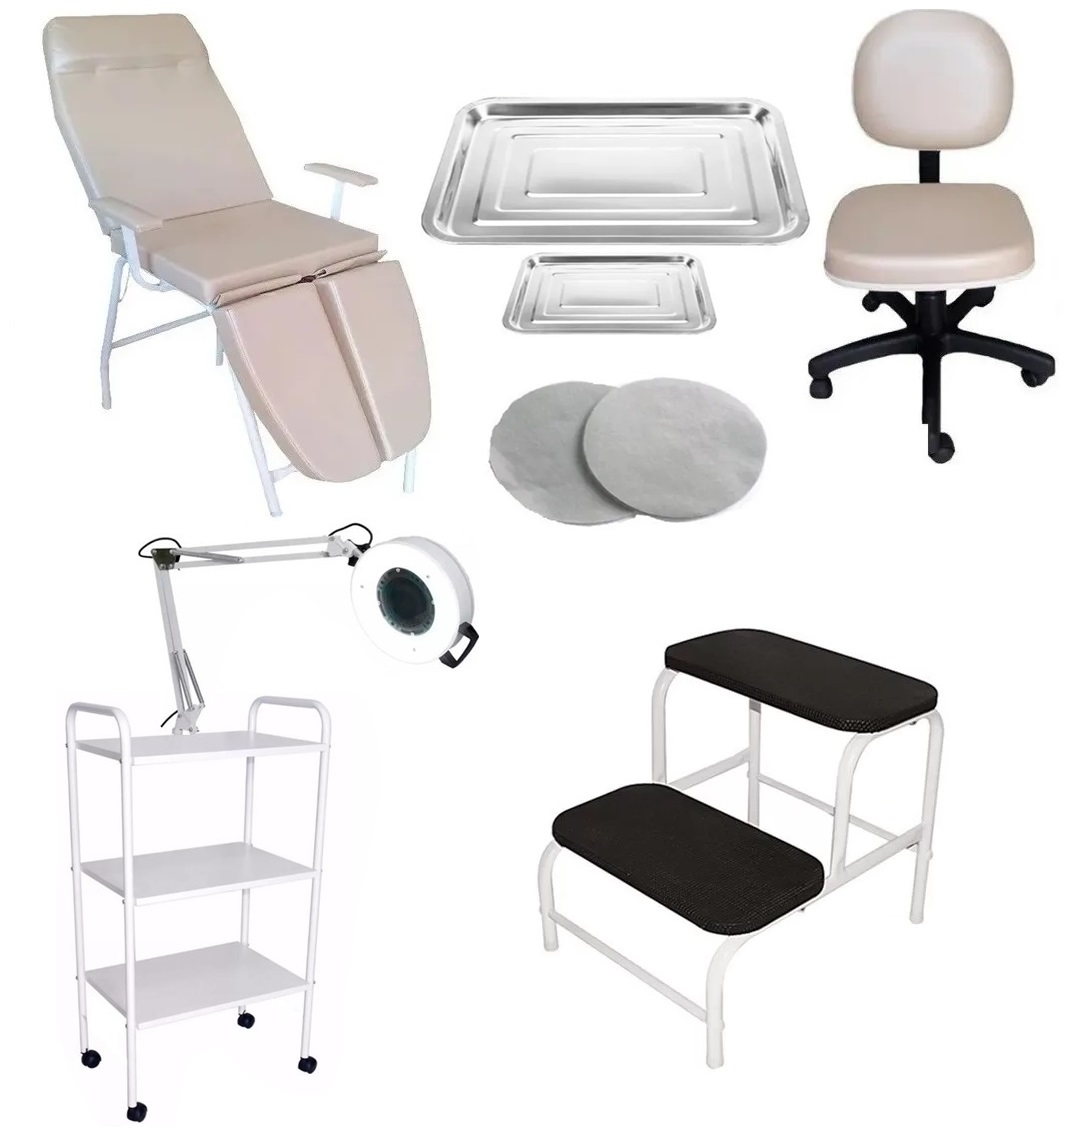 Kit Podologia Bege Cadeira, Mocho, Carrinho, Exaustor, Escada E Brinde